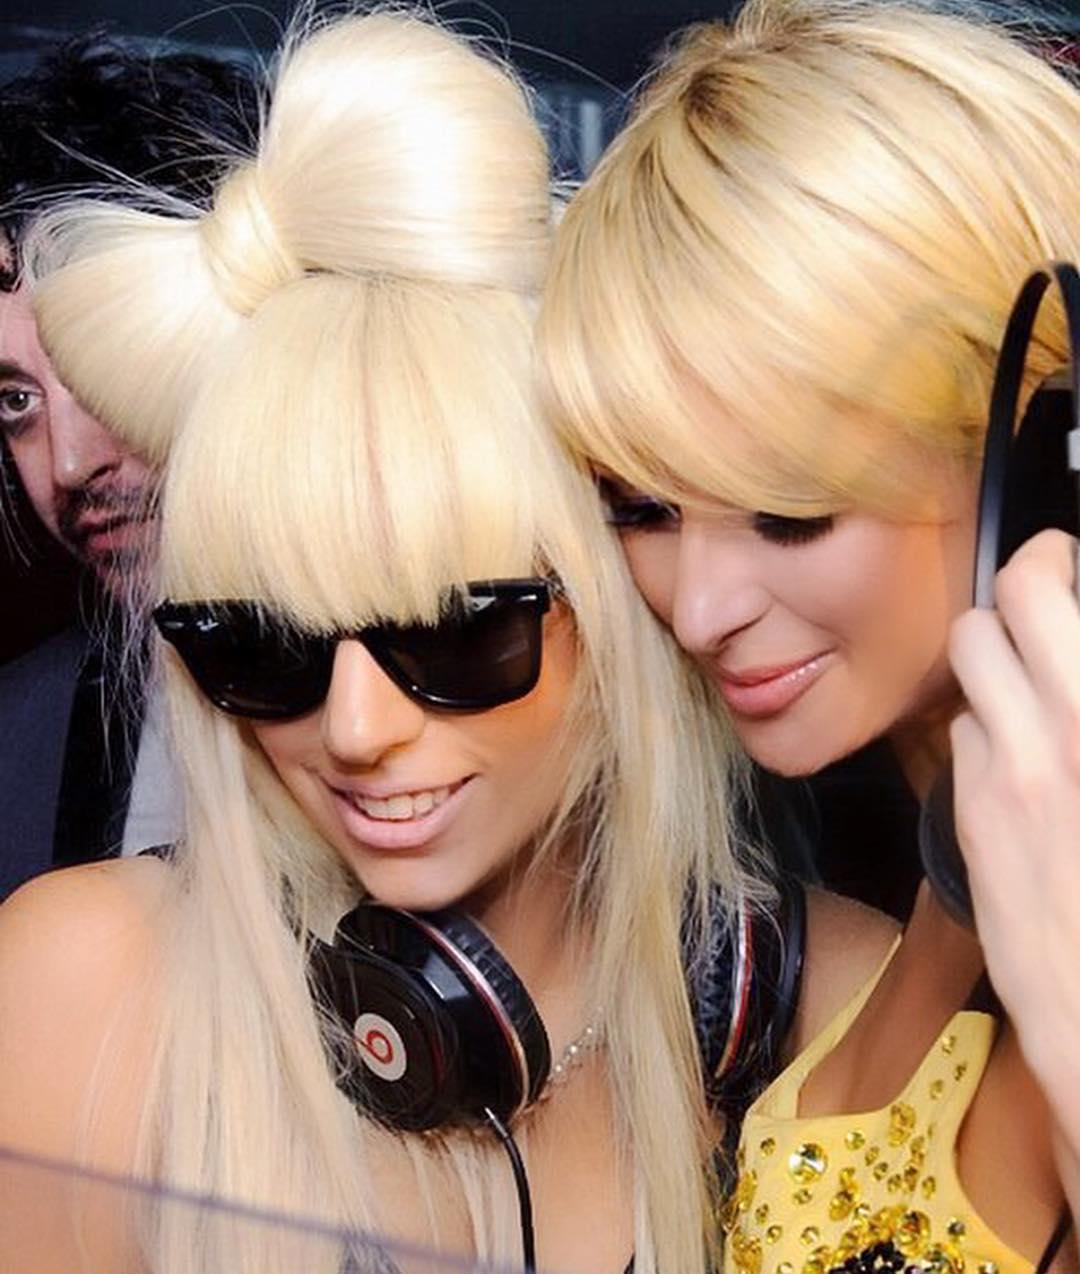 画像1: Paris HiltonさんはInstagramを利用しています:「Happy Birthday @LadyGaga! So proud of you & all your success! Keep #Killingit beautiful! 」 www.instagram.com